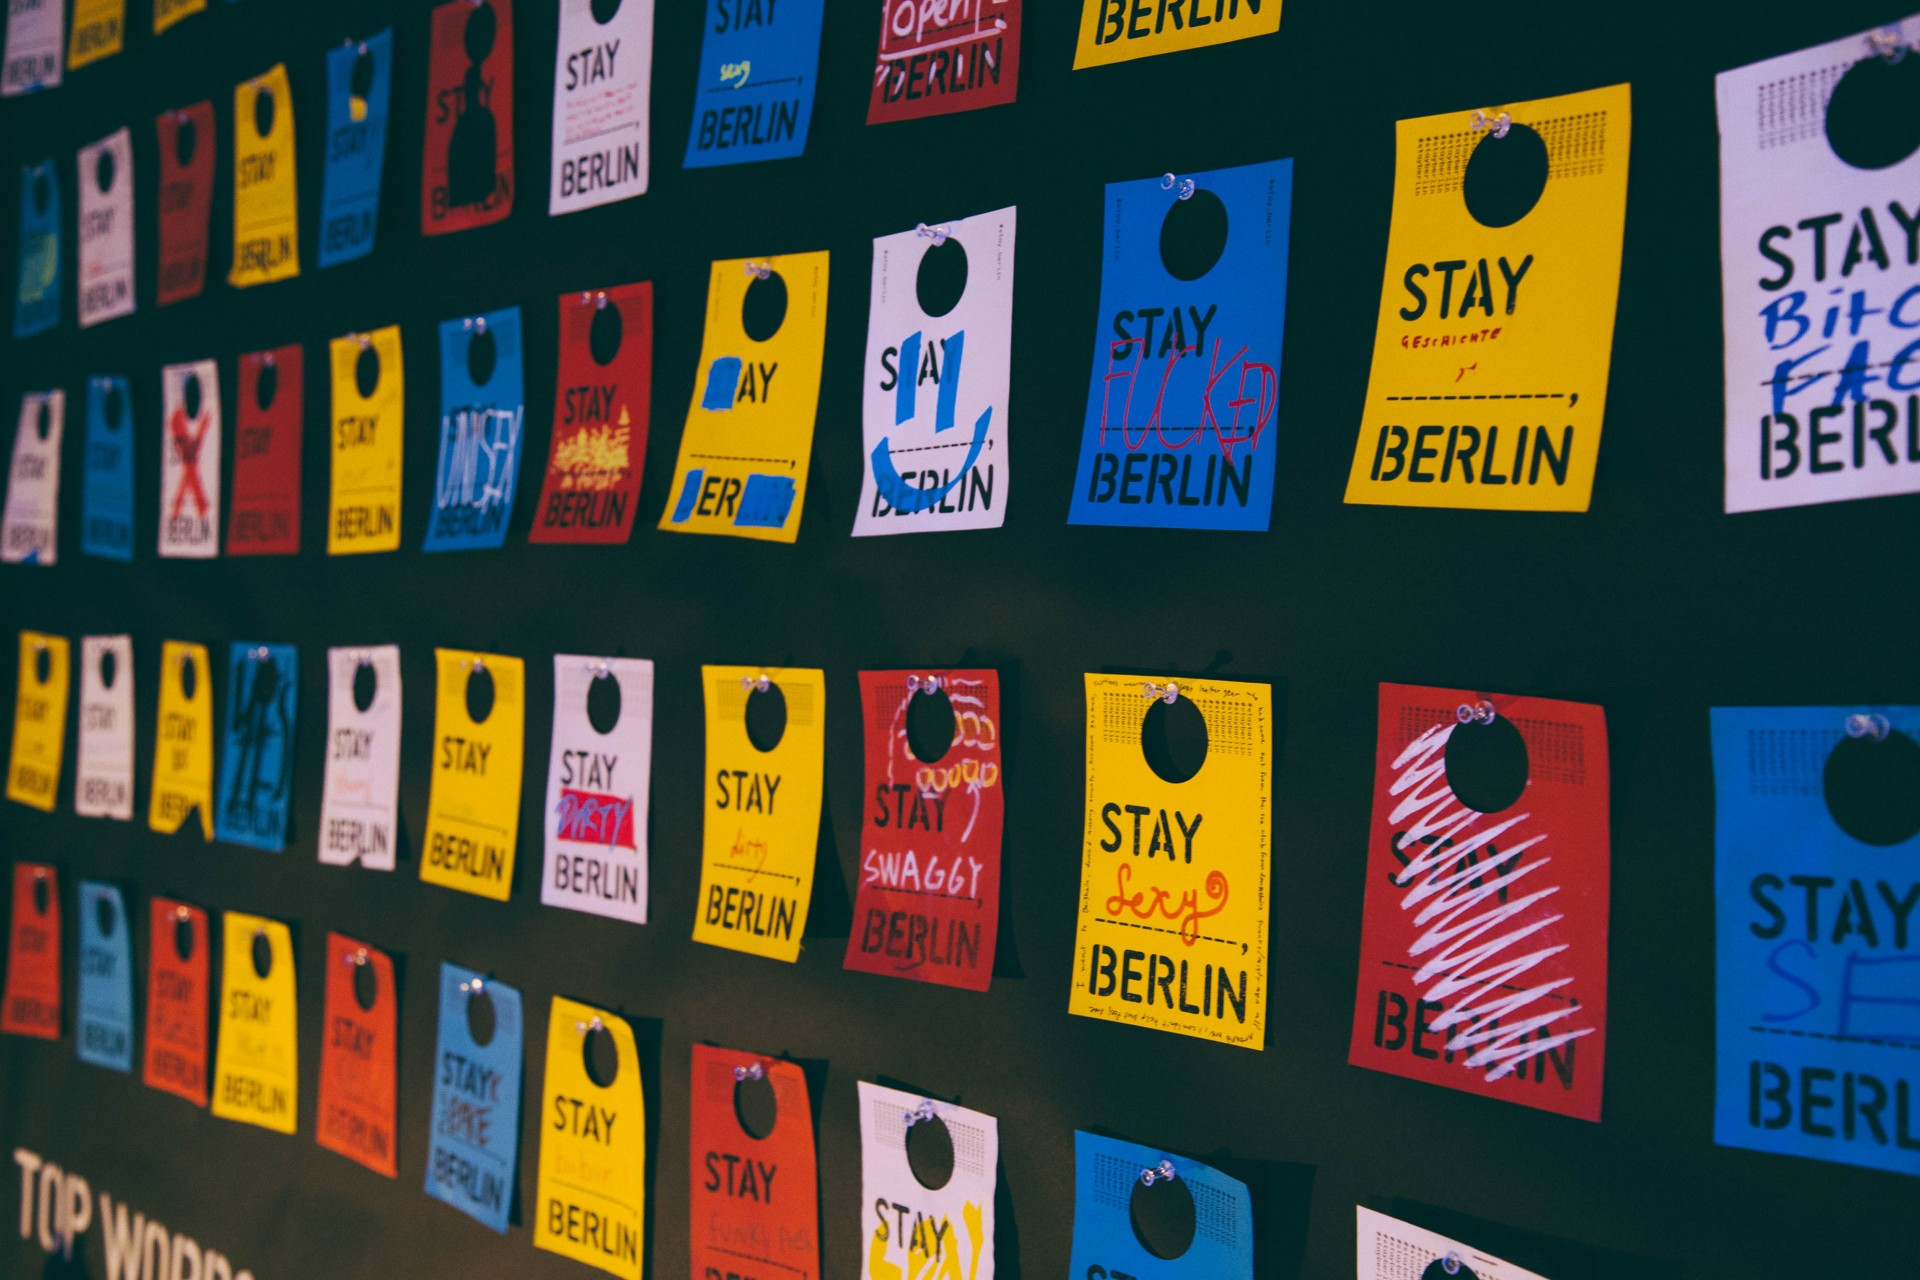 duy đào STAY___, BERLIN